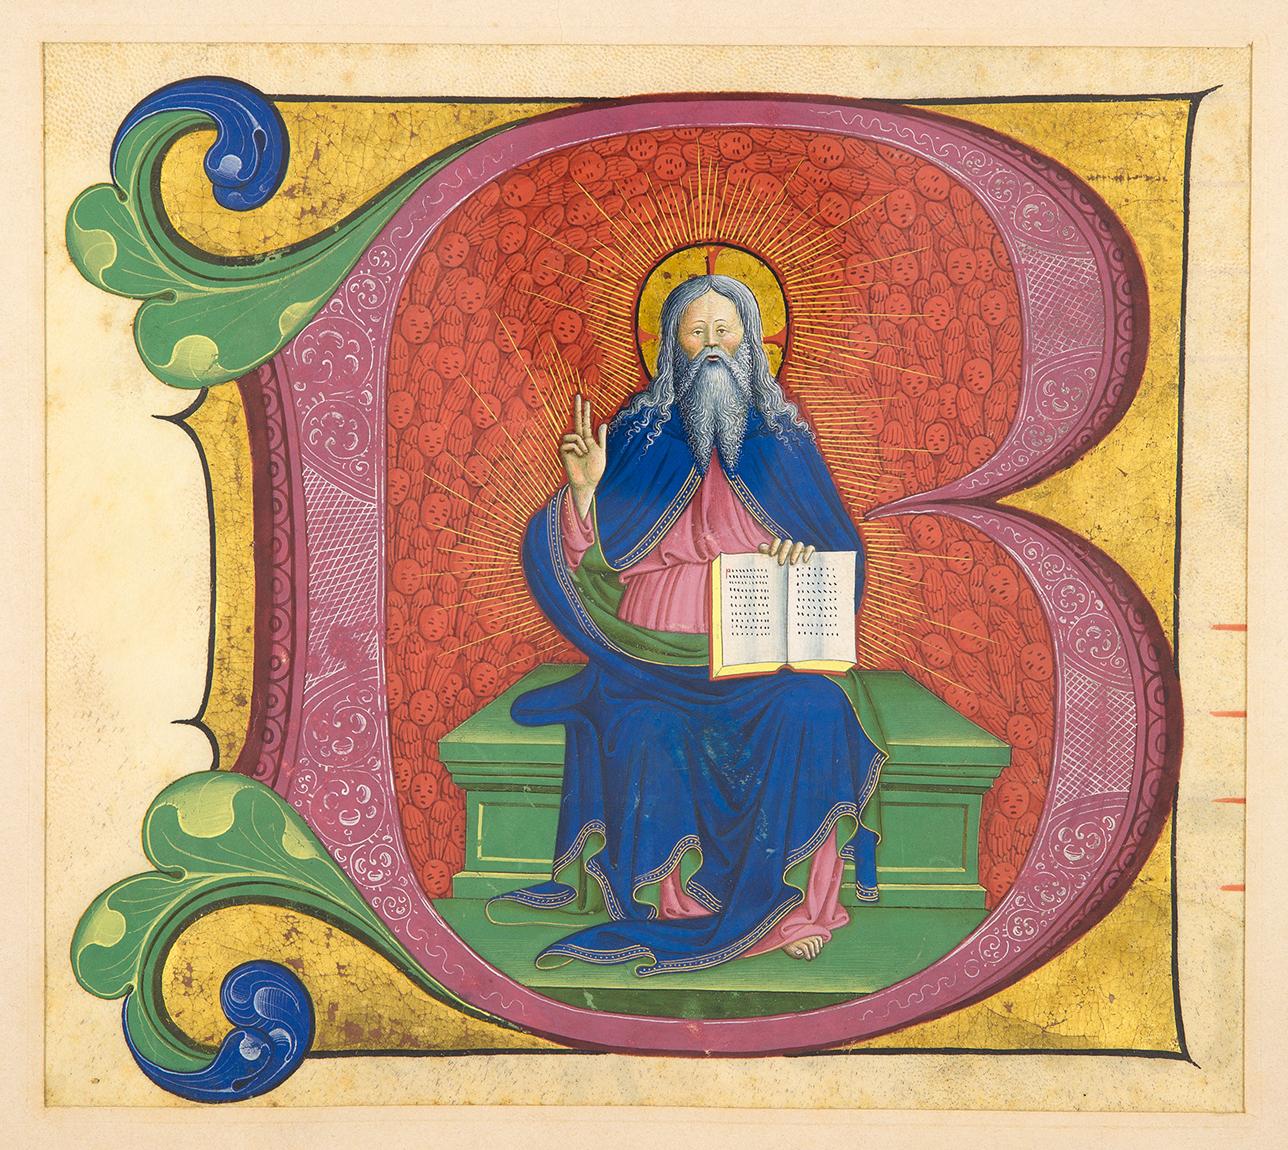 manuscrit-lettrine-historiee-italie-xve-siecle-155-x-180-mm-lettrine-d-un-antiphonaire-sur-velin-representant-sur-un-fond-rouge-entierement-couvert-d-anges-dieu-le-pere-en-majeste-la-main-droite-benissant-et-le-texte-sacre--110